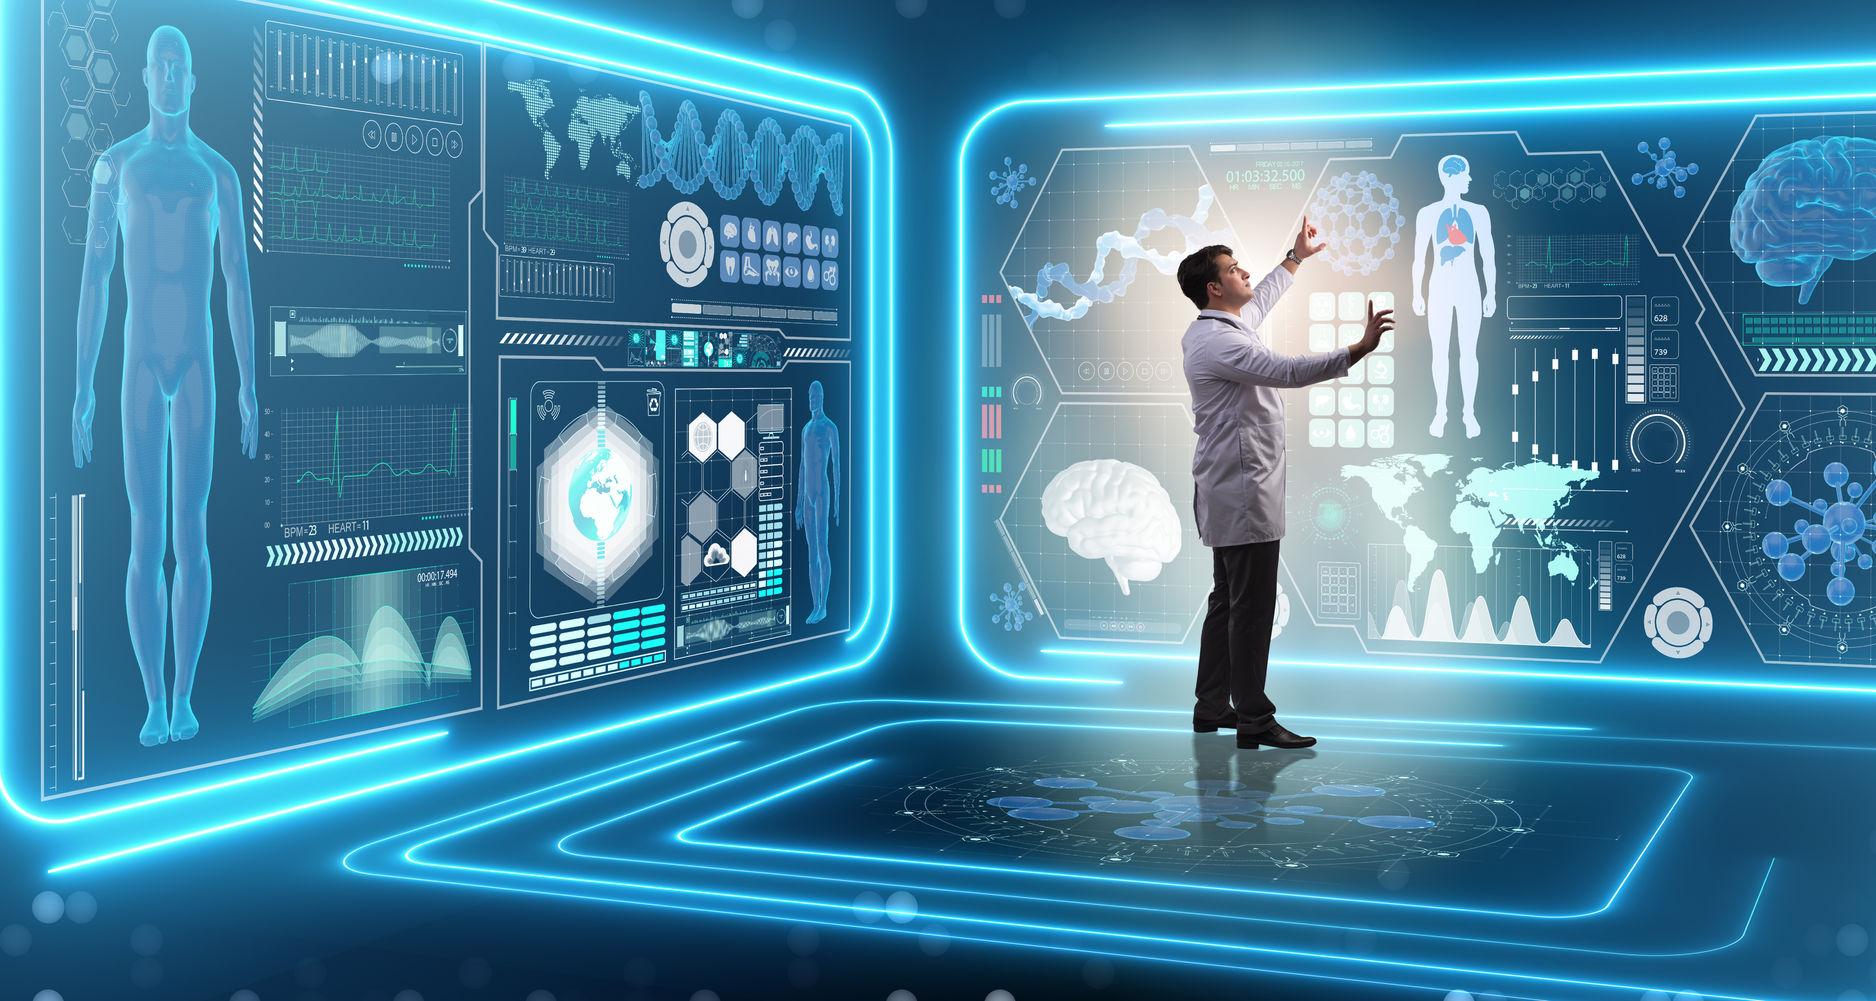 拜朗创新创业主题活动月圆满结束 助力南岸智慧医疗大健康产业发展